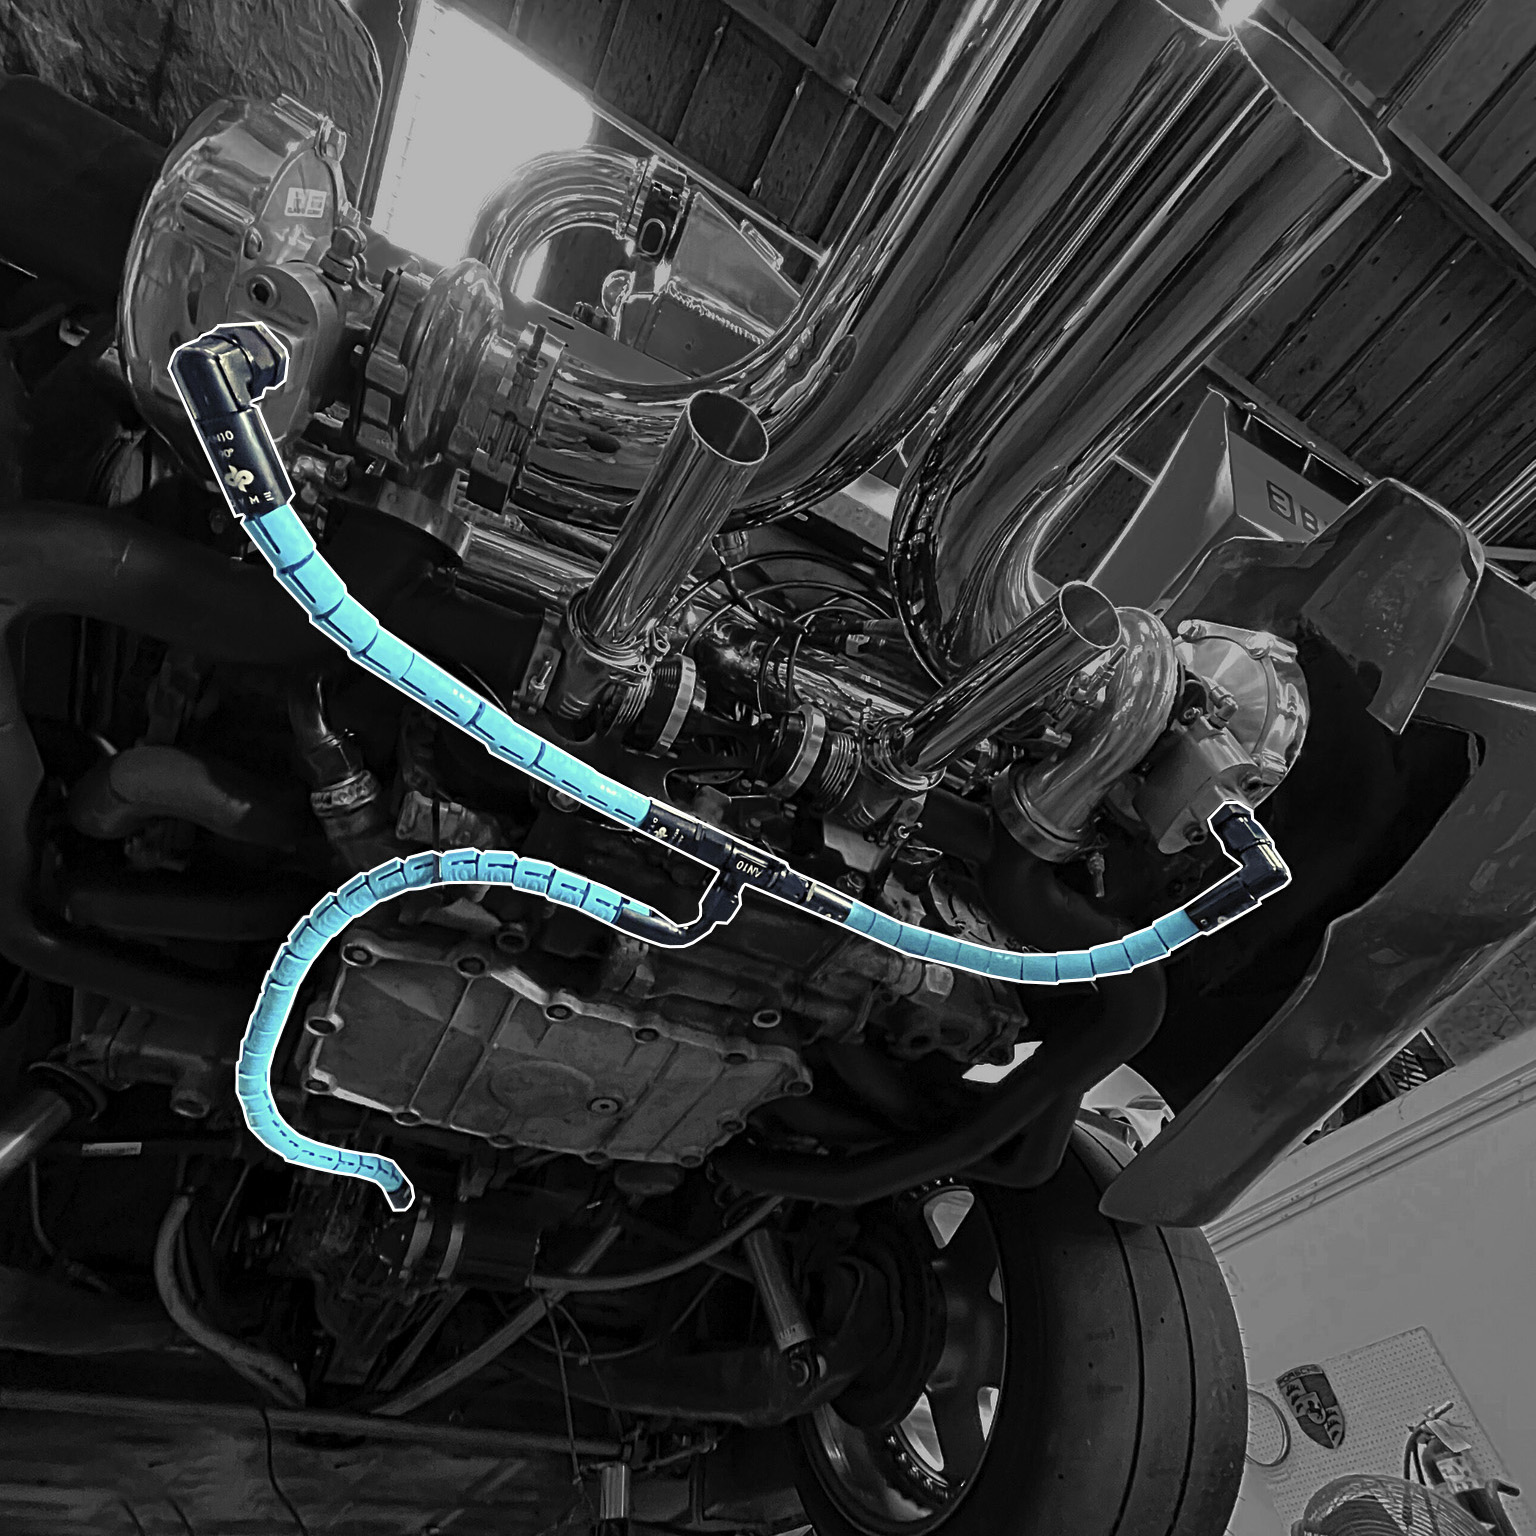 Hose manufacturer Dyme PSI Rattlesnake Hose Design Toolkit installed on BisiMoto Blue 935 Porsche